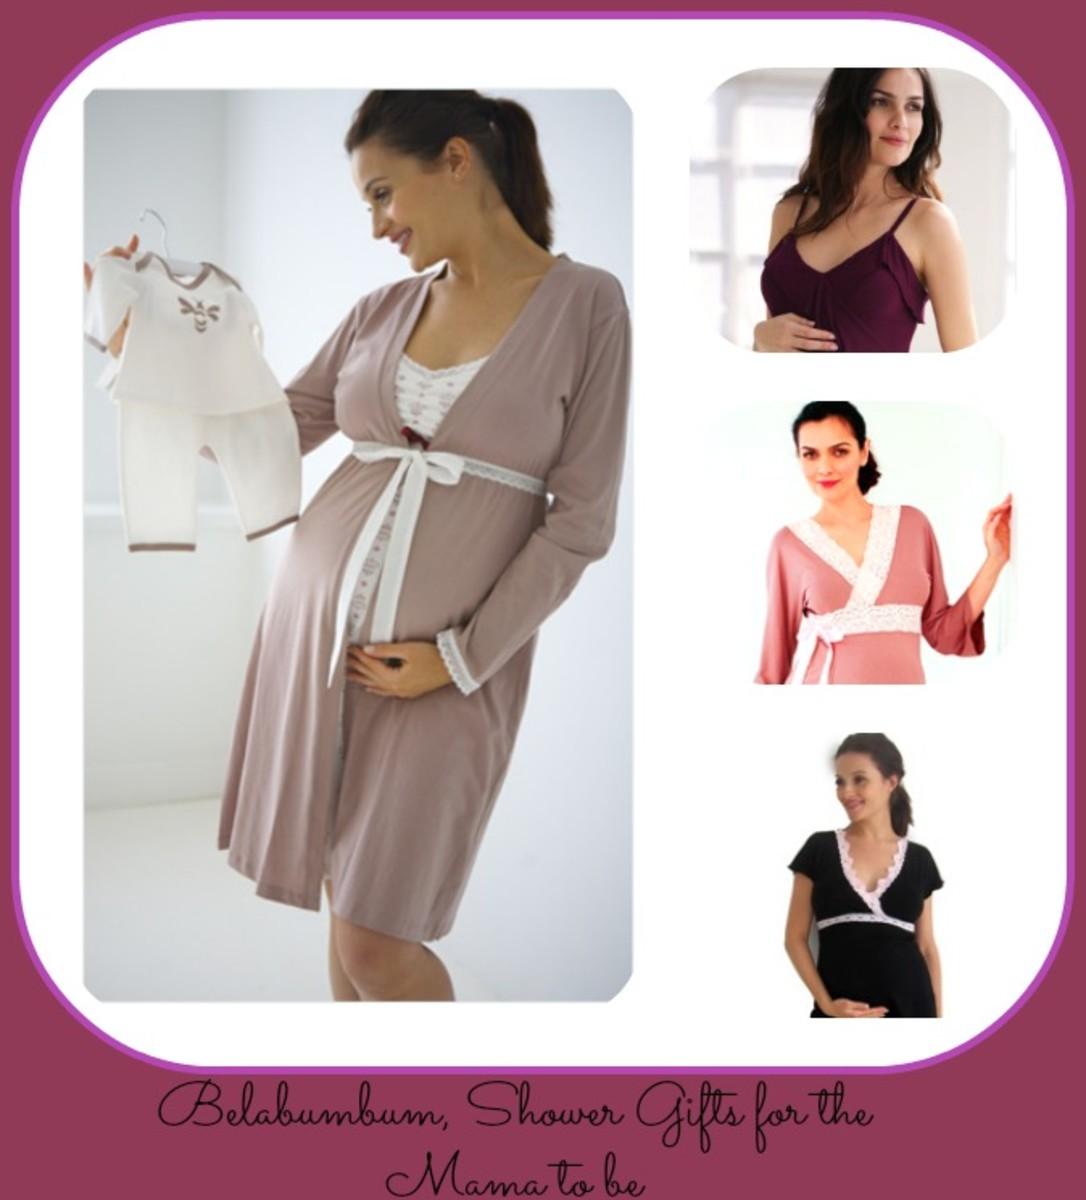 lingerie for expecting moms, nursing lingerie, loungewear for expectant moms, shower gifts